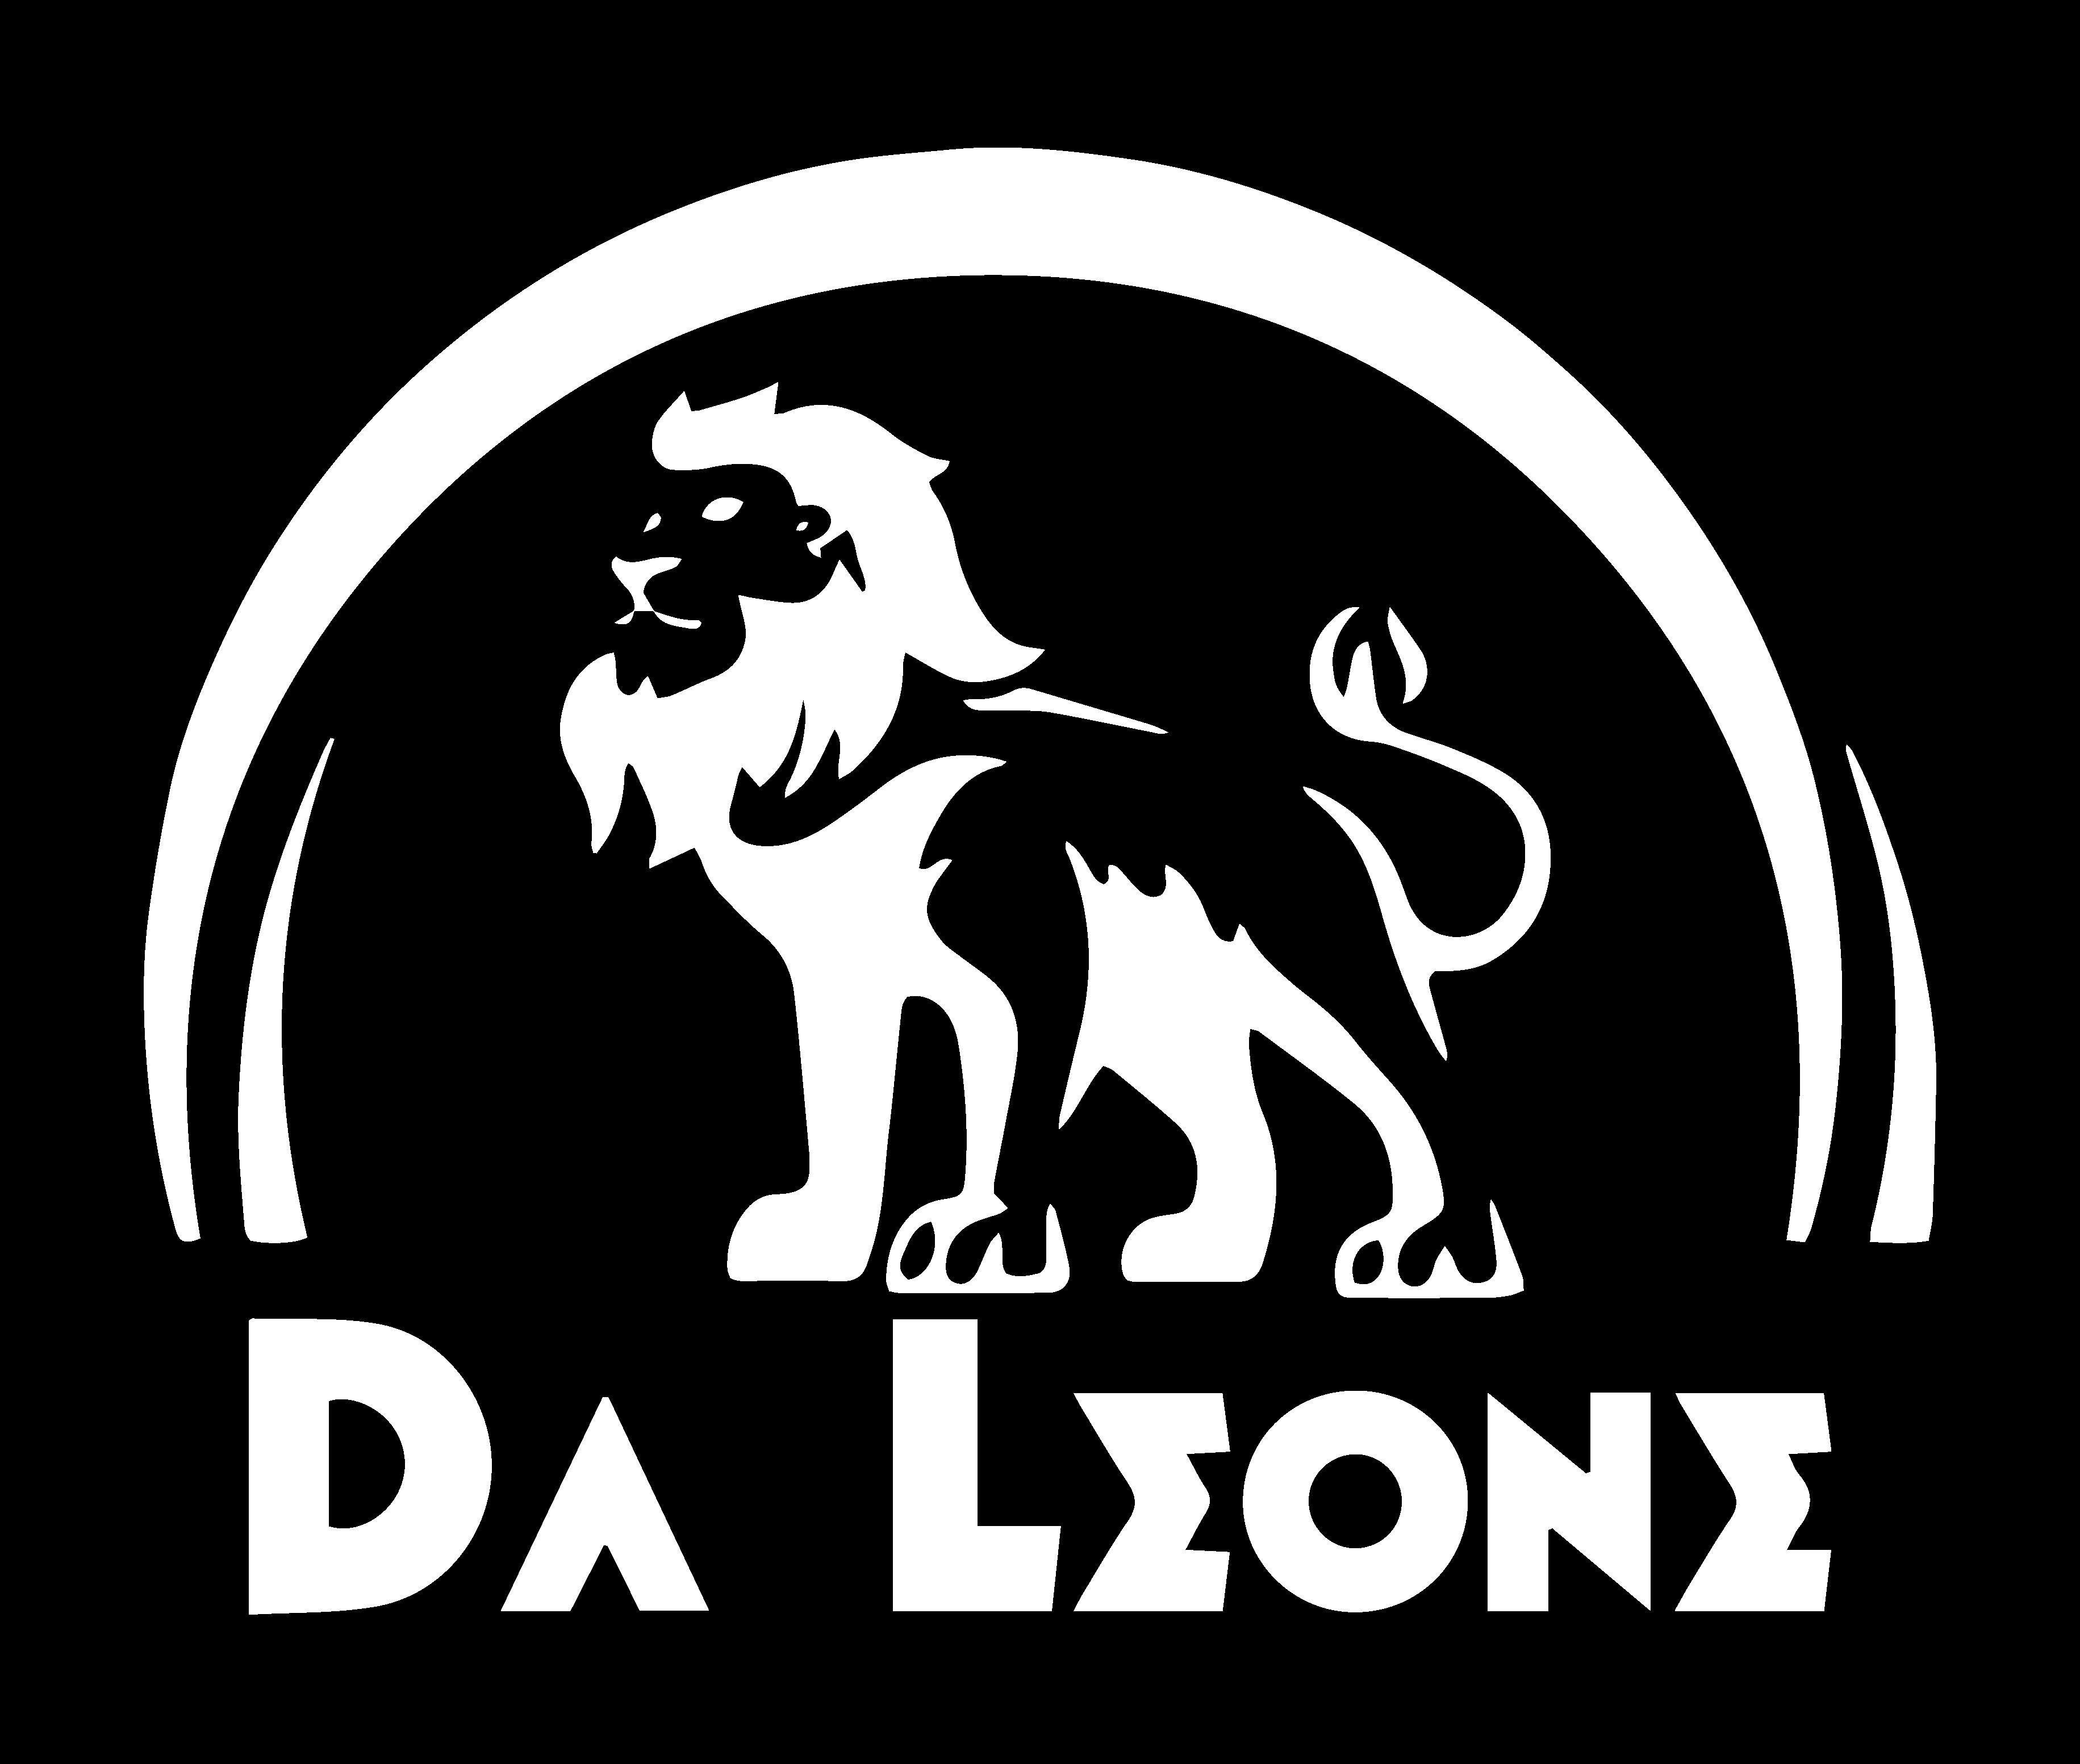 Da Leone